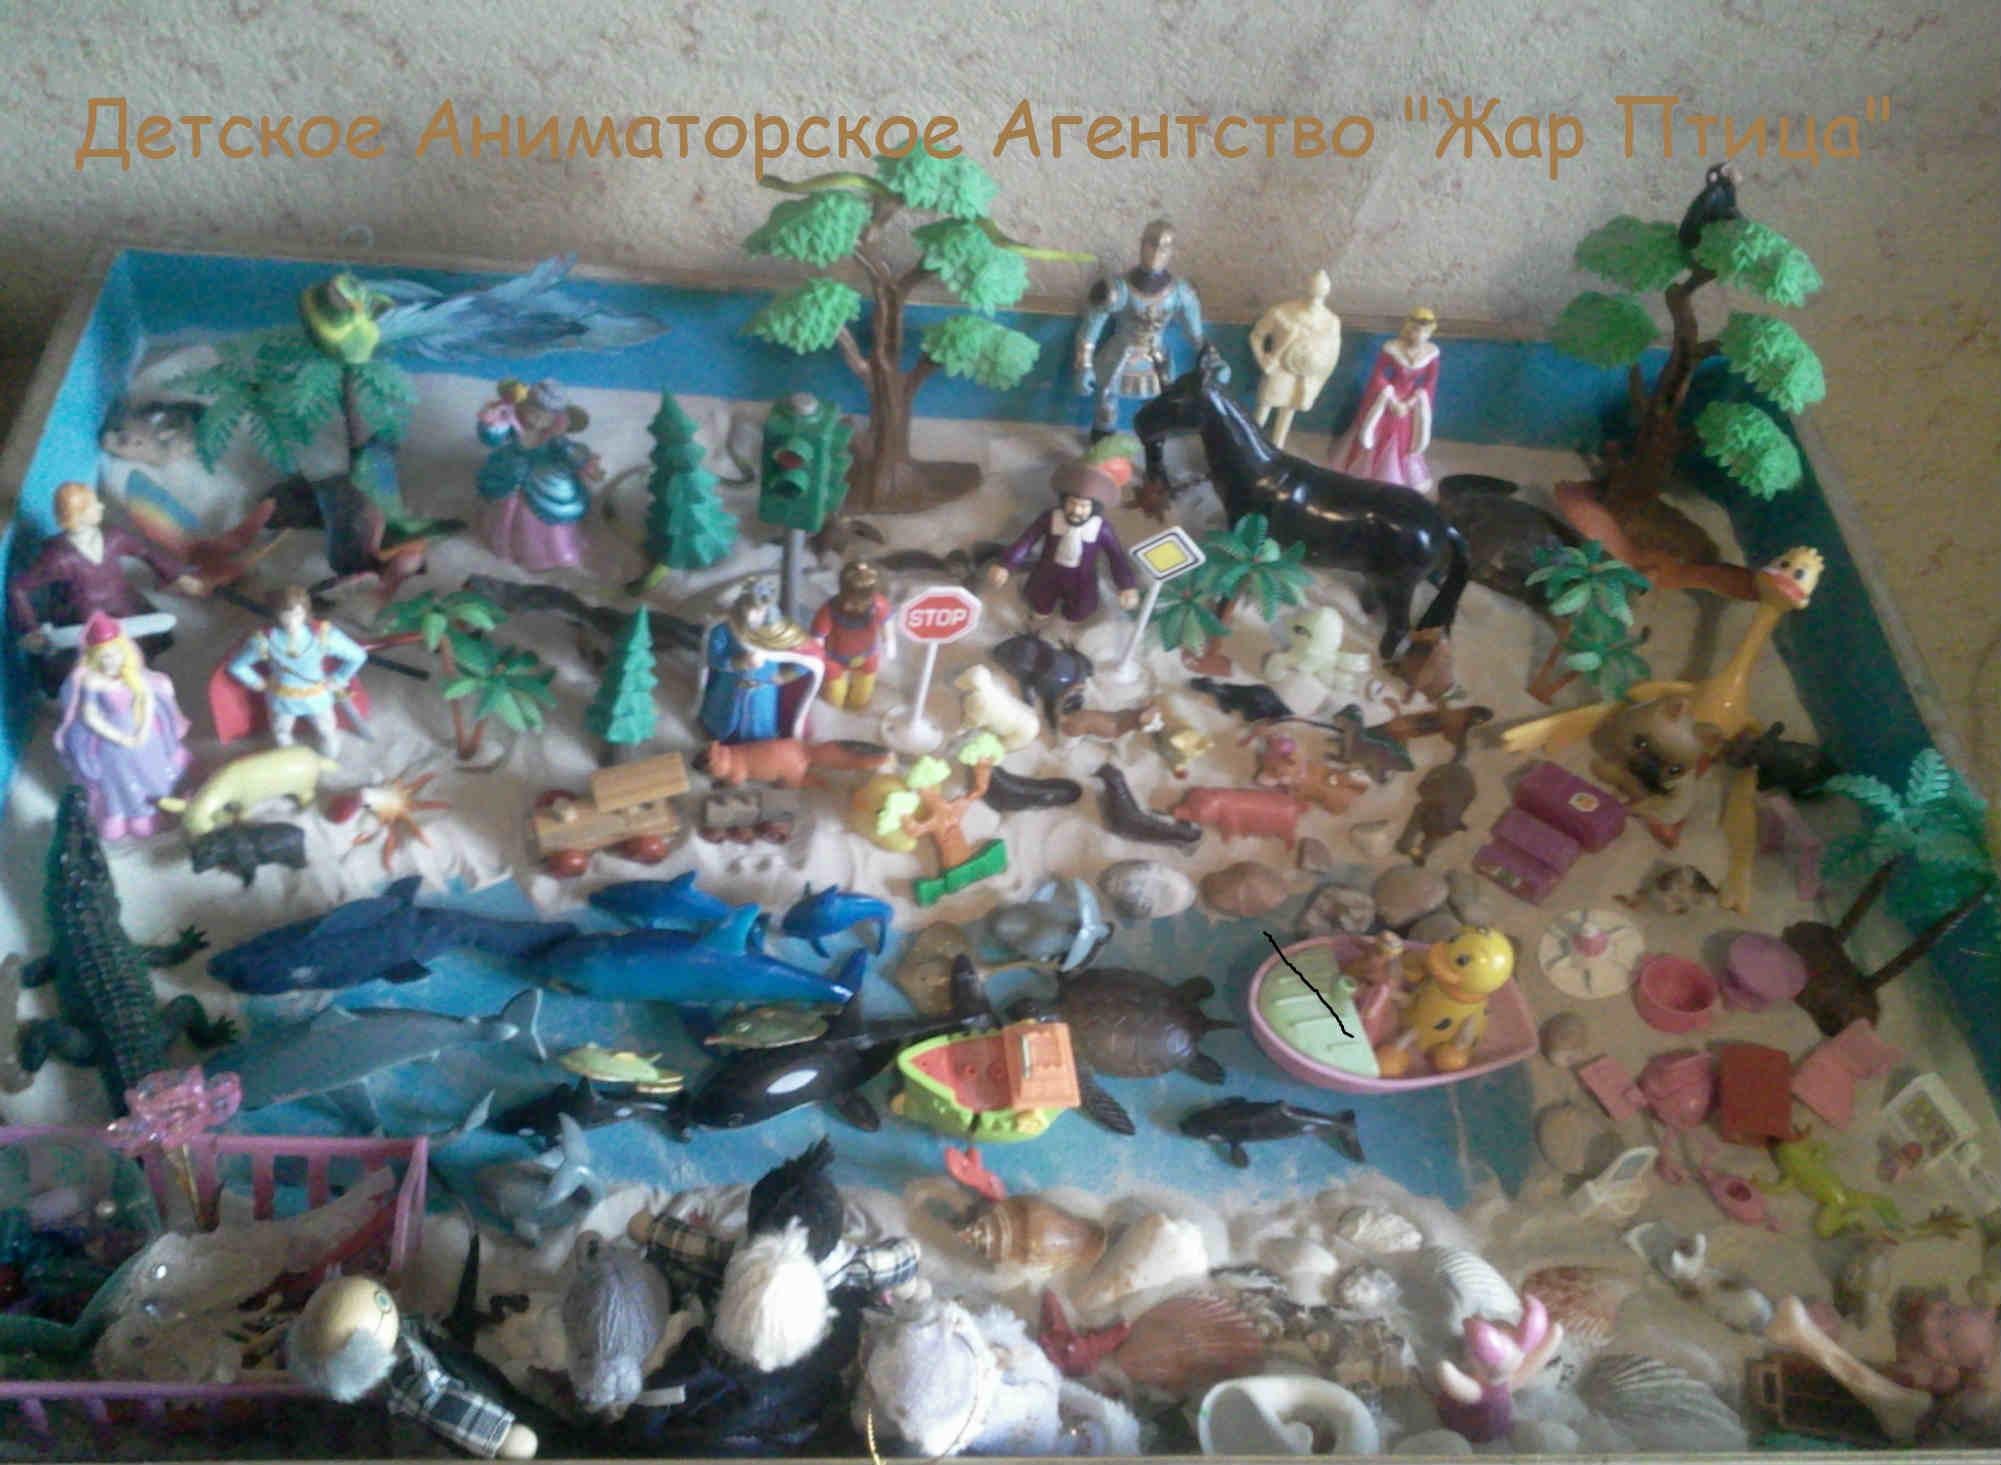 Детское Аниматорское Агентство Жар Птица.  тел. 8 (965) 342 83 91 Песочная Сказкотерапия, Песочная Терапия